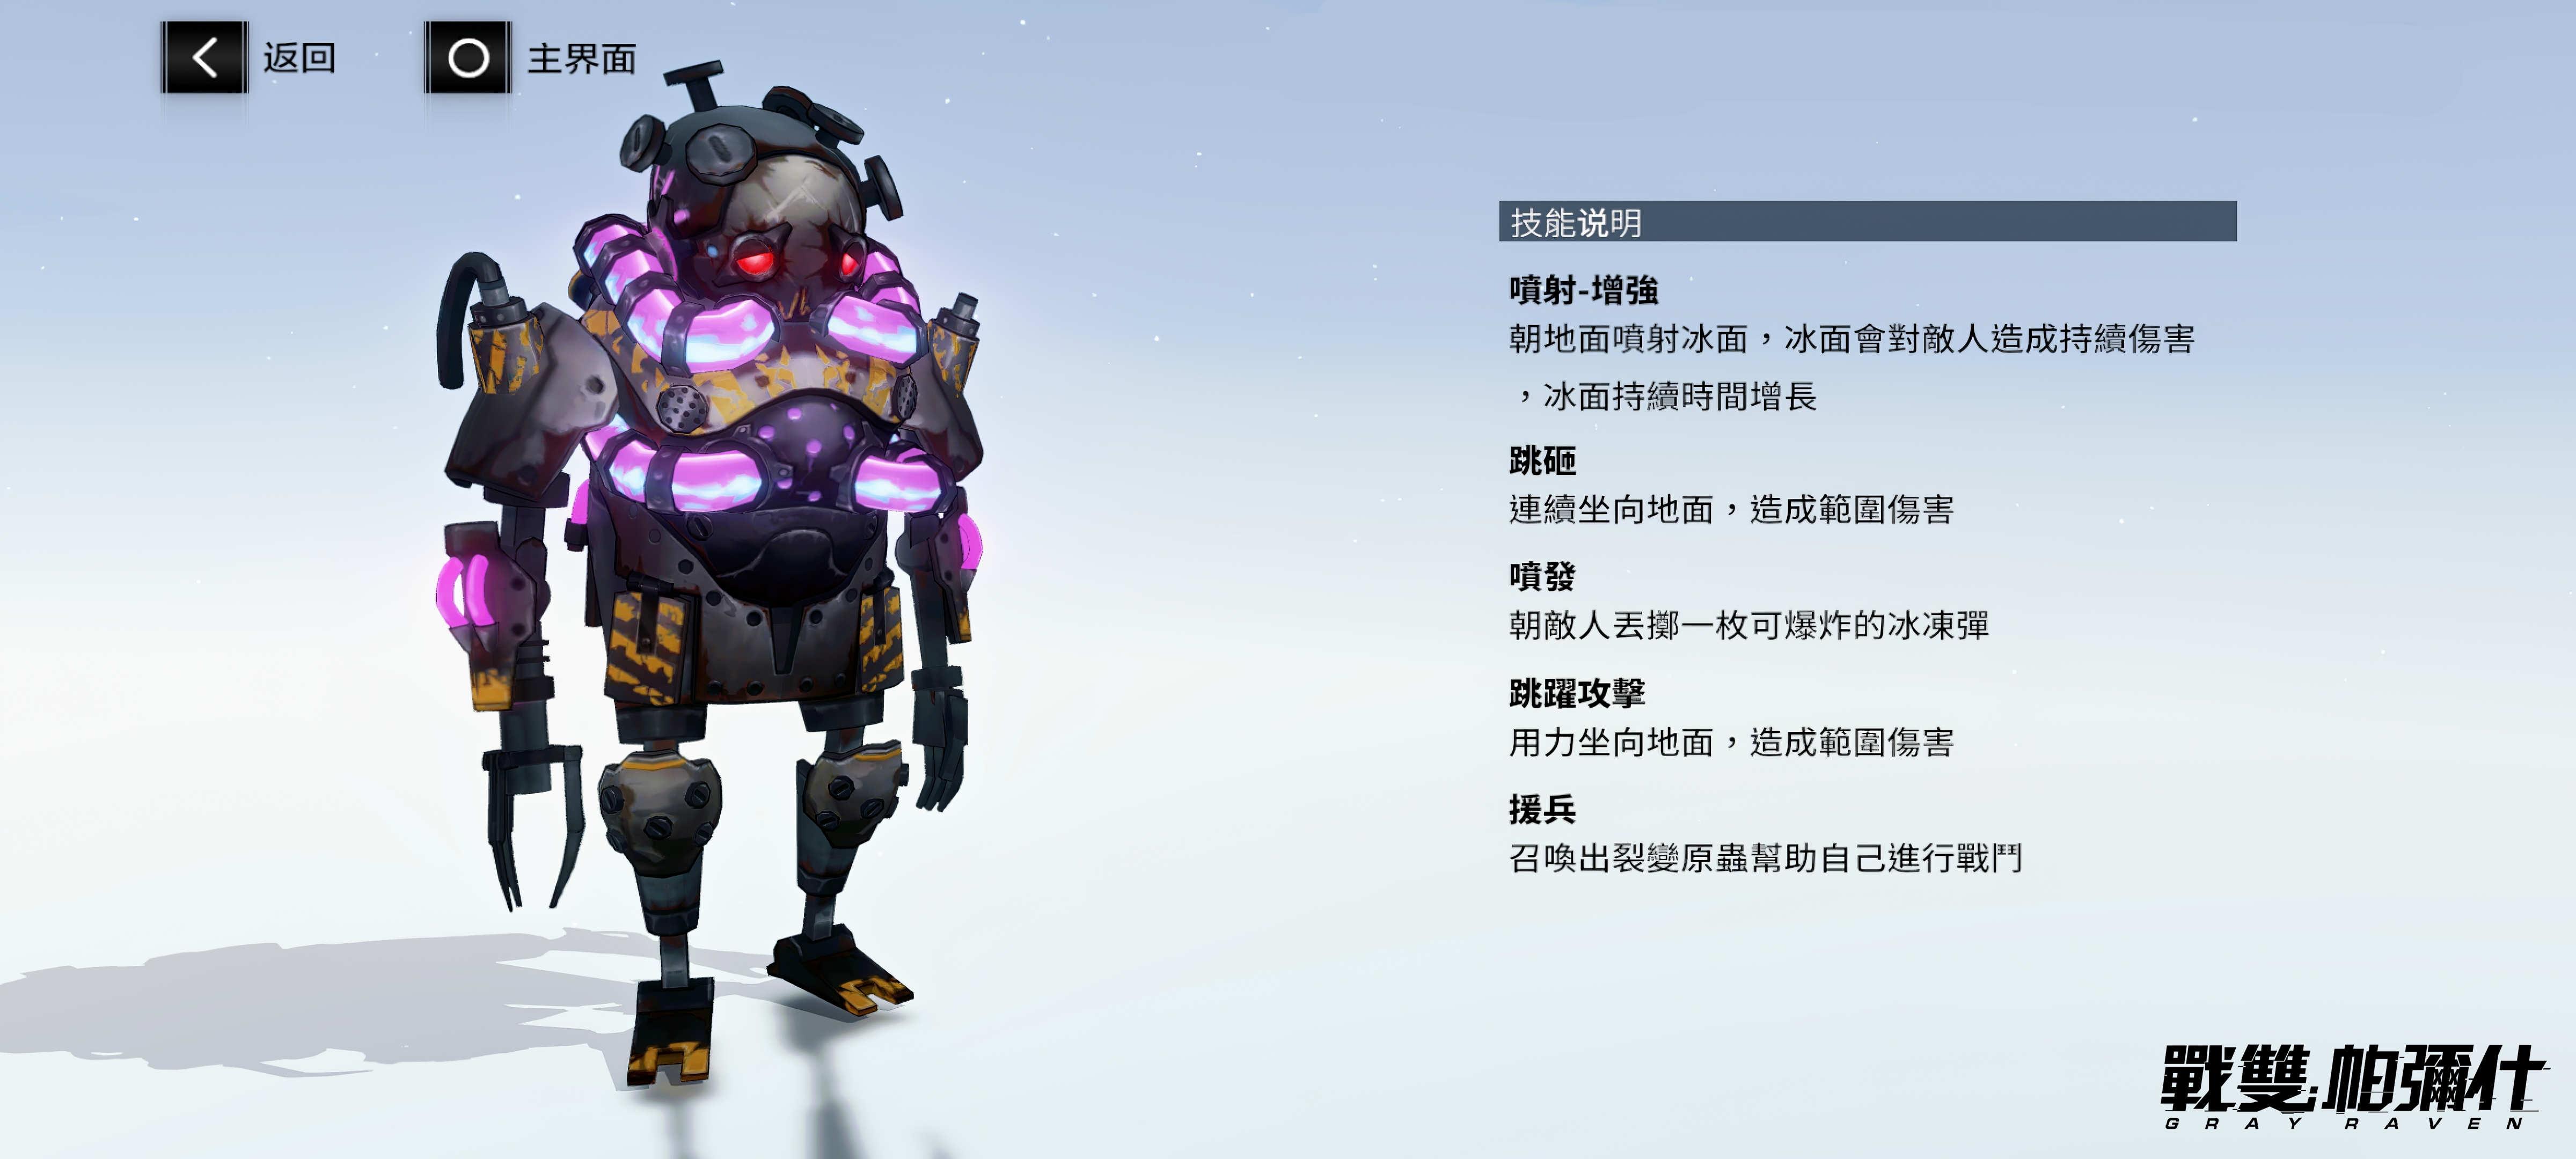 末世科幻 3D 動作遊戲《戰雙帕彌什》釋出BOSS級怪物詳細情報